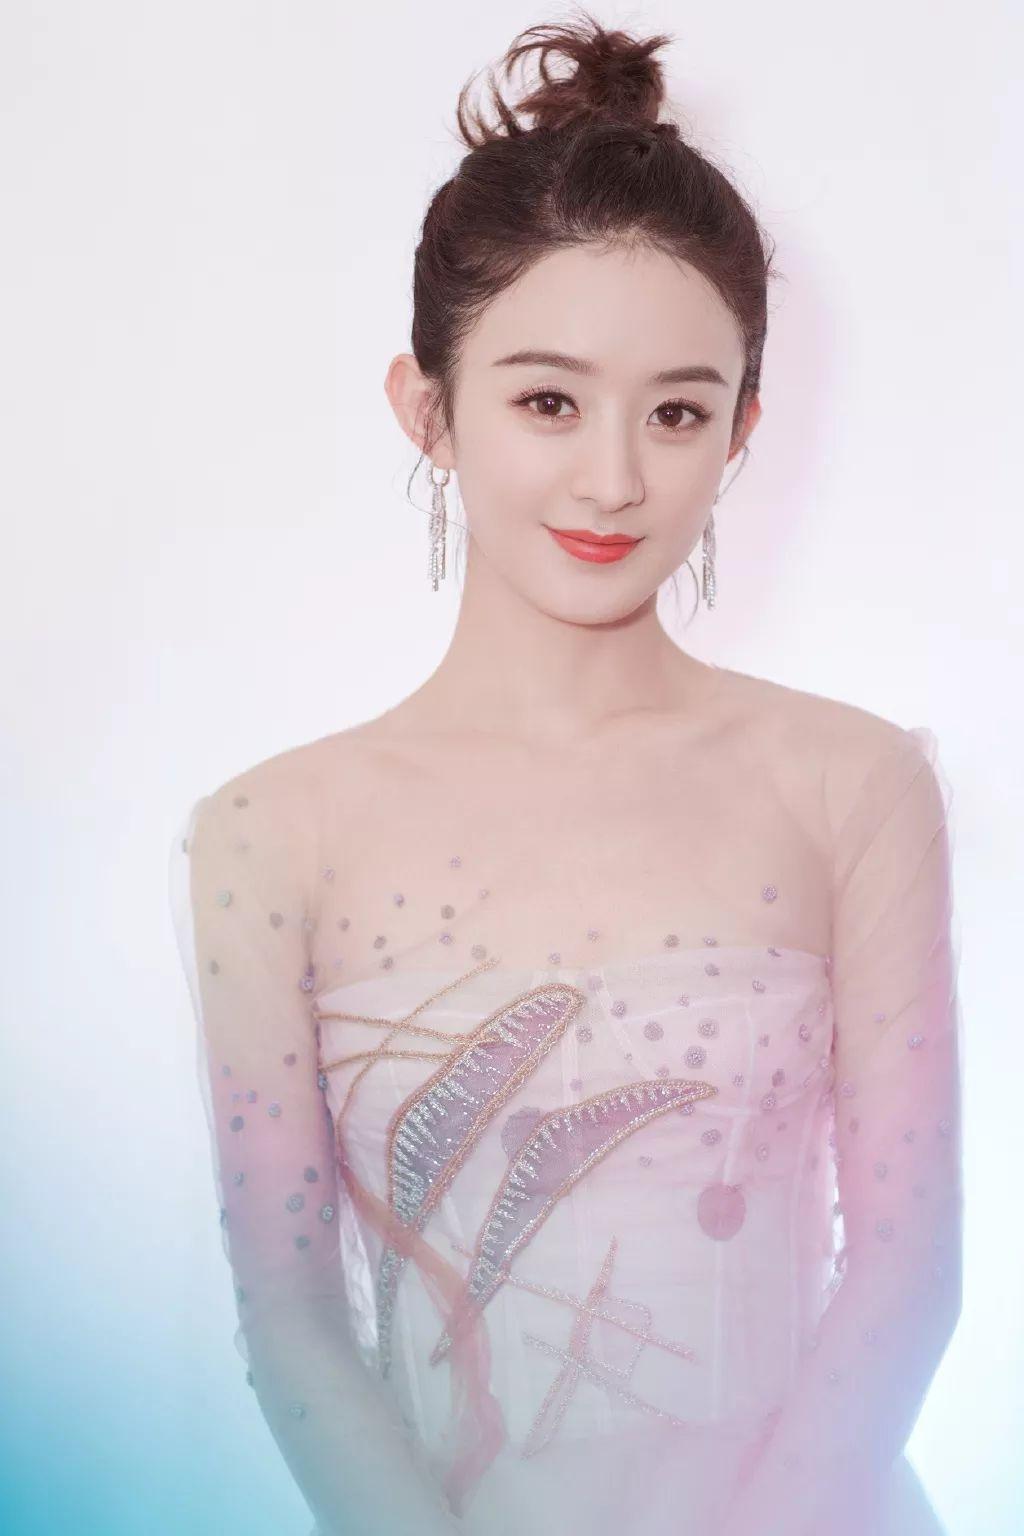 看了赵丽颖的结婚照,真想建议冯绍峰去修个眉教程龙门铣图片